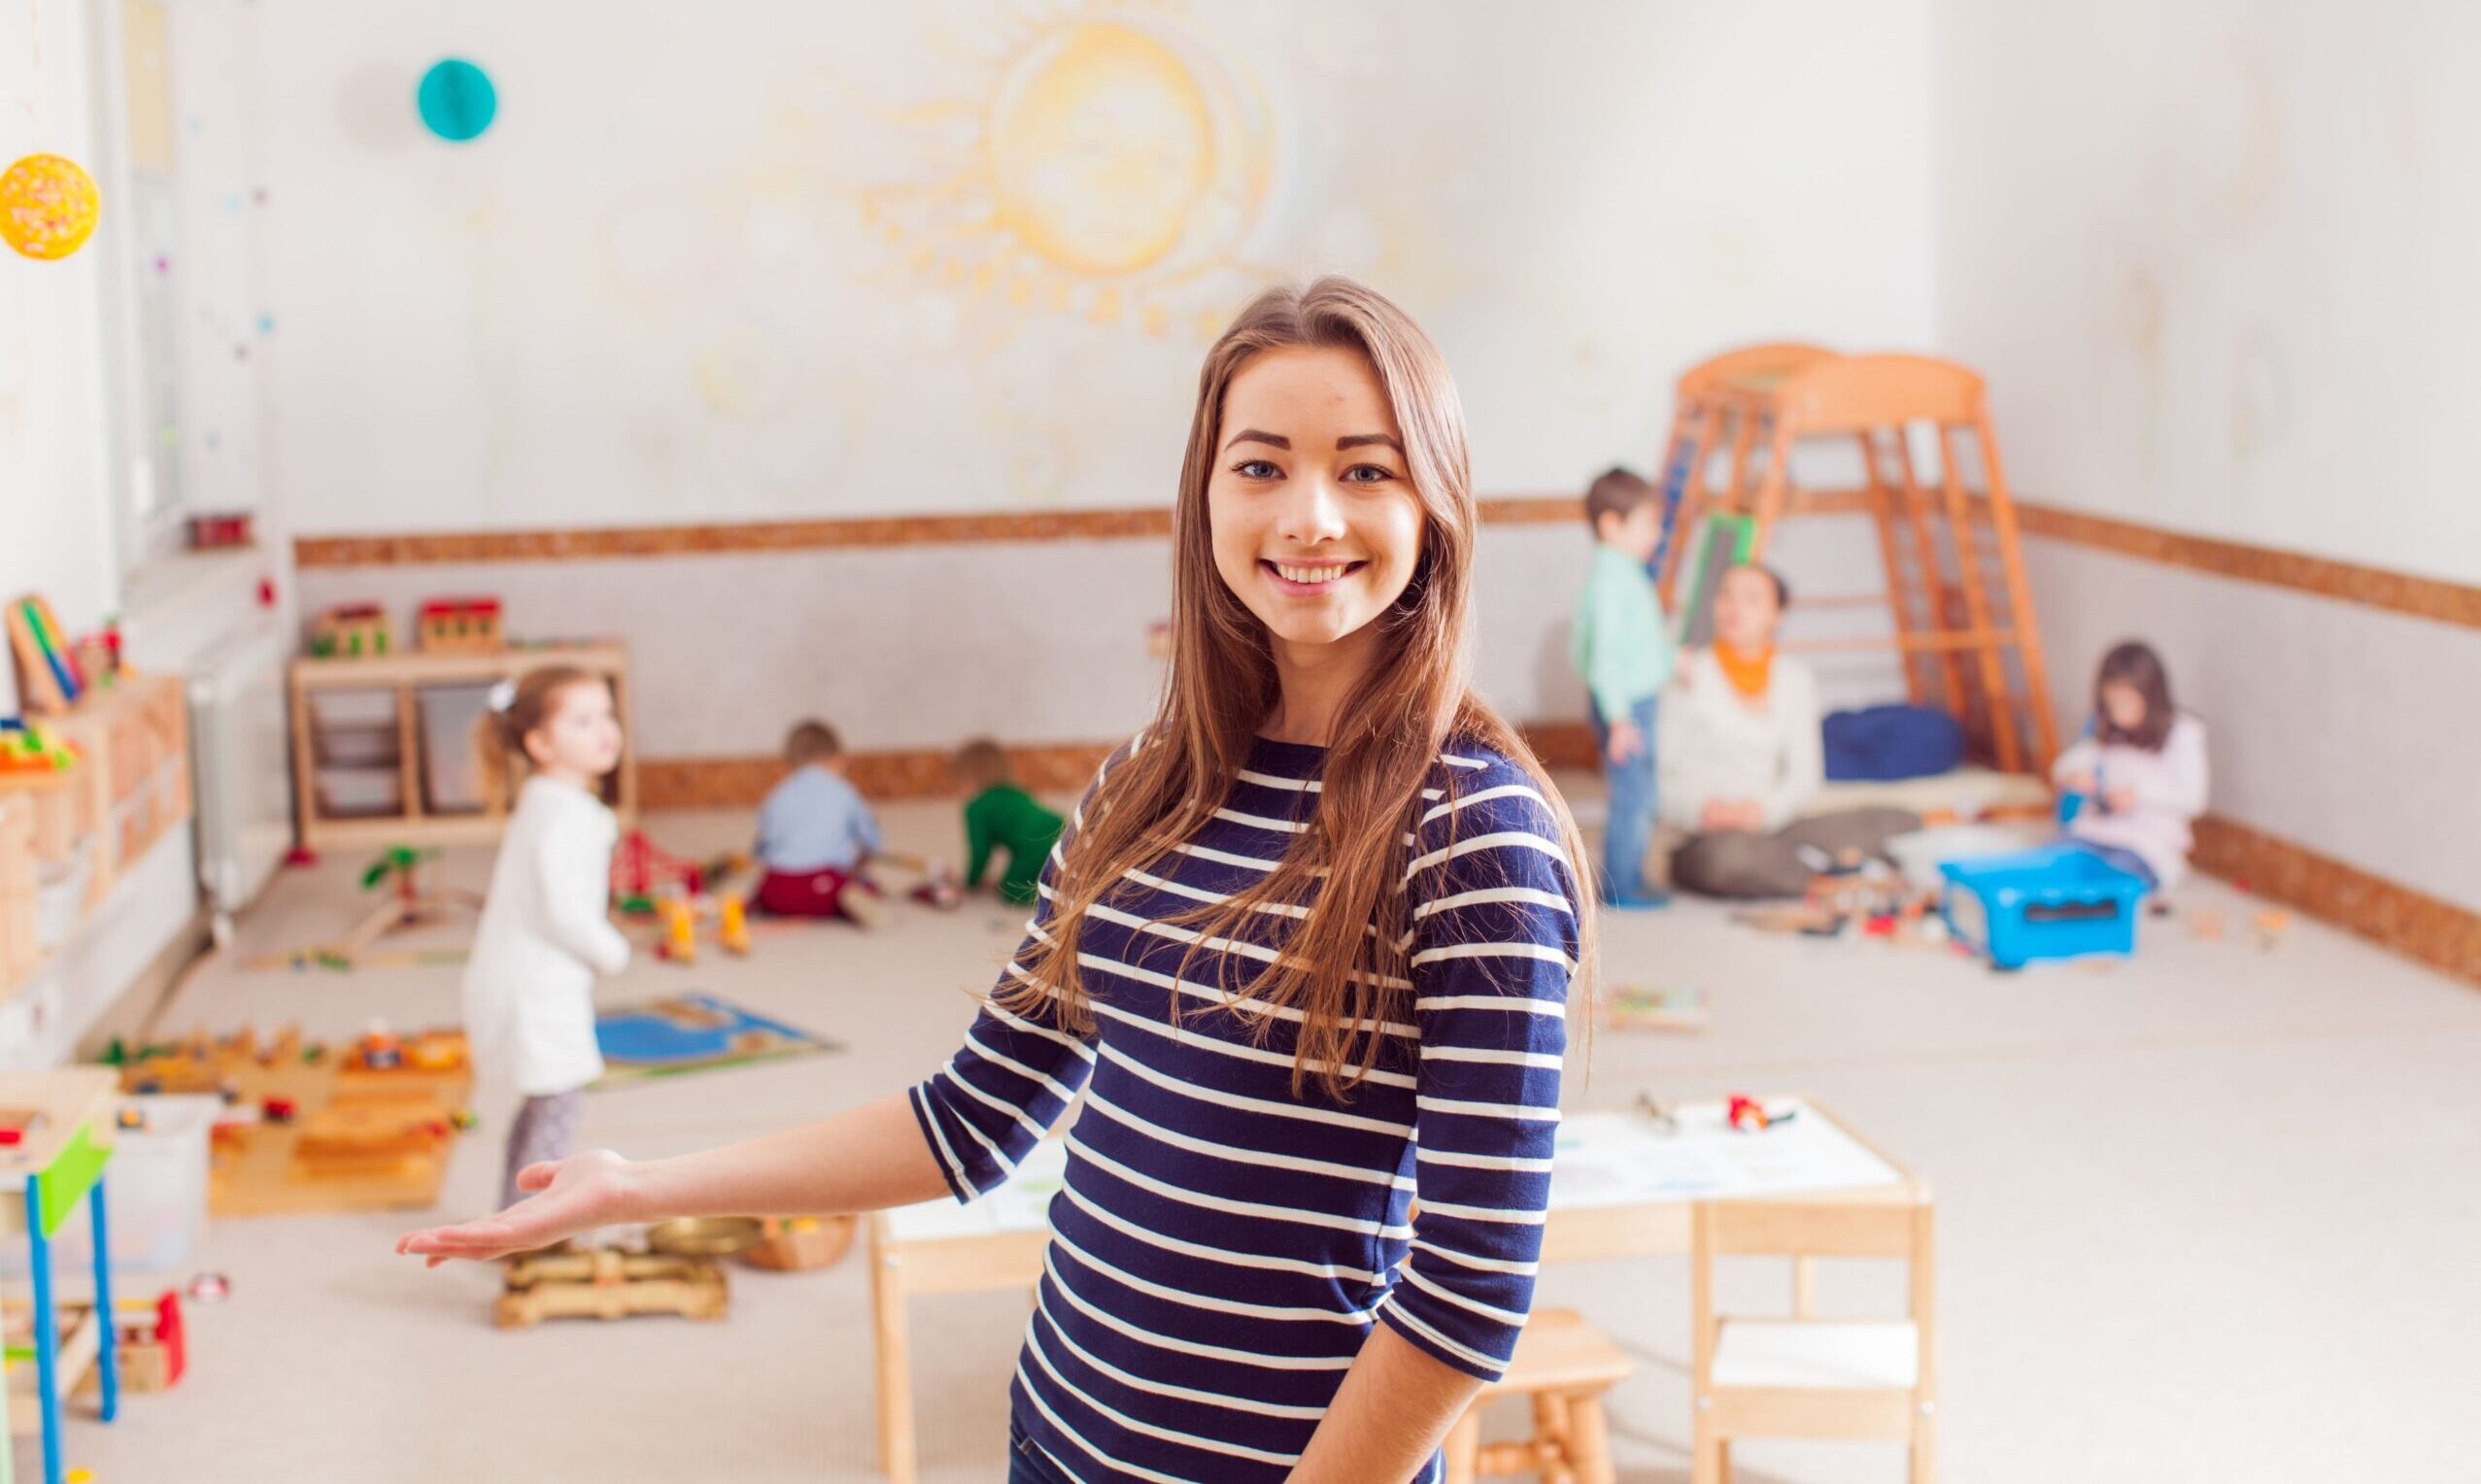 preschool teacher, hiring tips